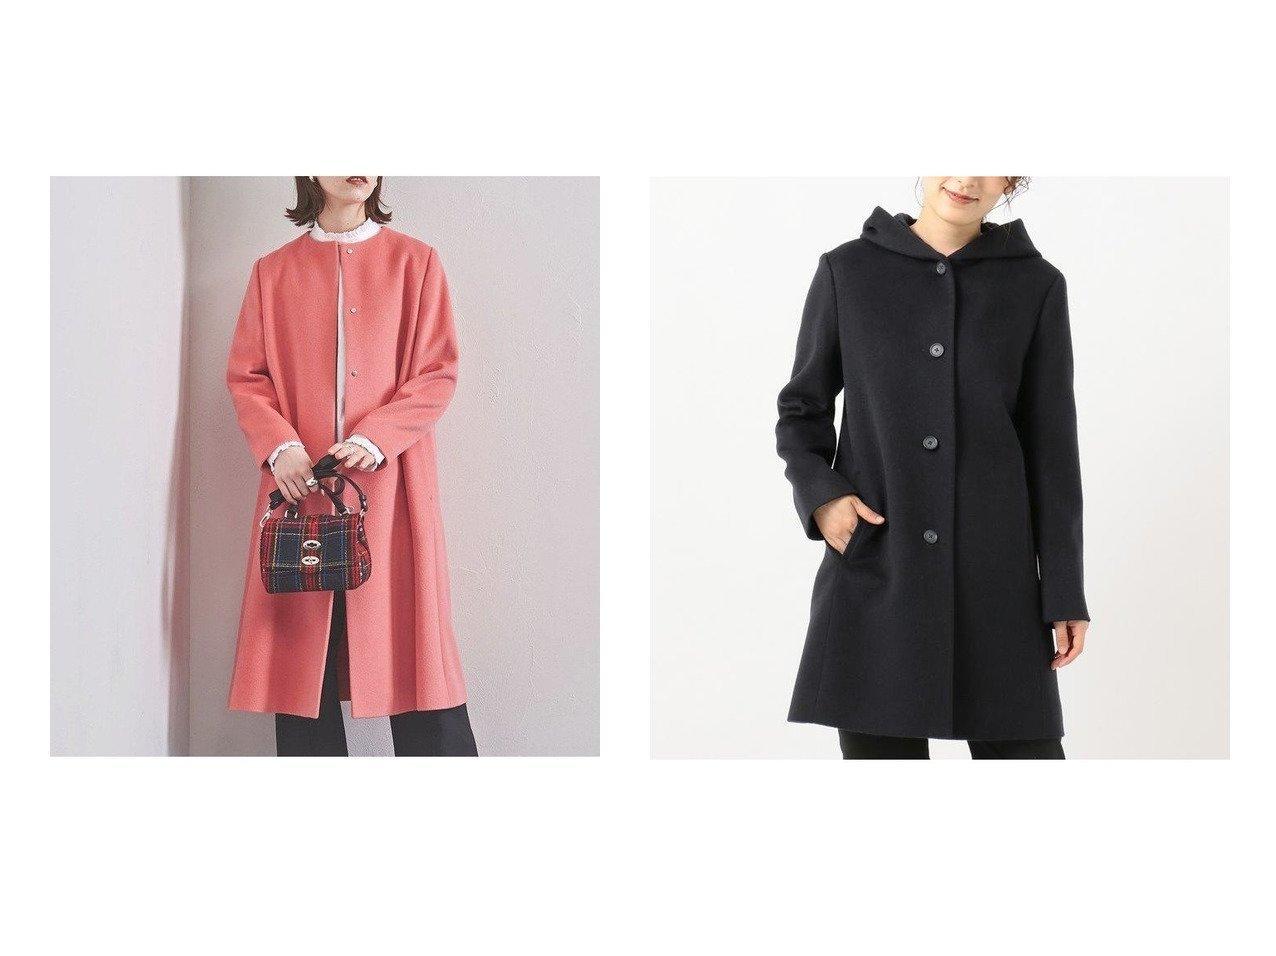 【UNITED ARROWS/ユナイテッドアローズ】のCA ベルライン コート†&【J.PRESS/ジェイ プレス】のアンゴラビーバー フーデッドコート アウターのおすすめ!人気、レディースファッションの通販  おすすめで人気のファッション通販商品 インテリア・家具・キッズファッション・メンズファッション・レディースファッション・服の通販 founy(ファニー) https://founy.com/ ファッション Fashion レディース WOMEN アウター Coat Outerwear コート Coats インナー ロング 防寒 アンゴラ ボトム |ID:crp329100000002333